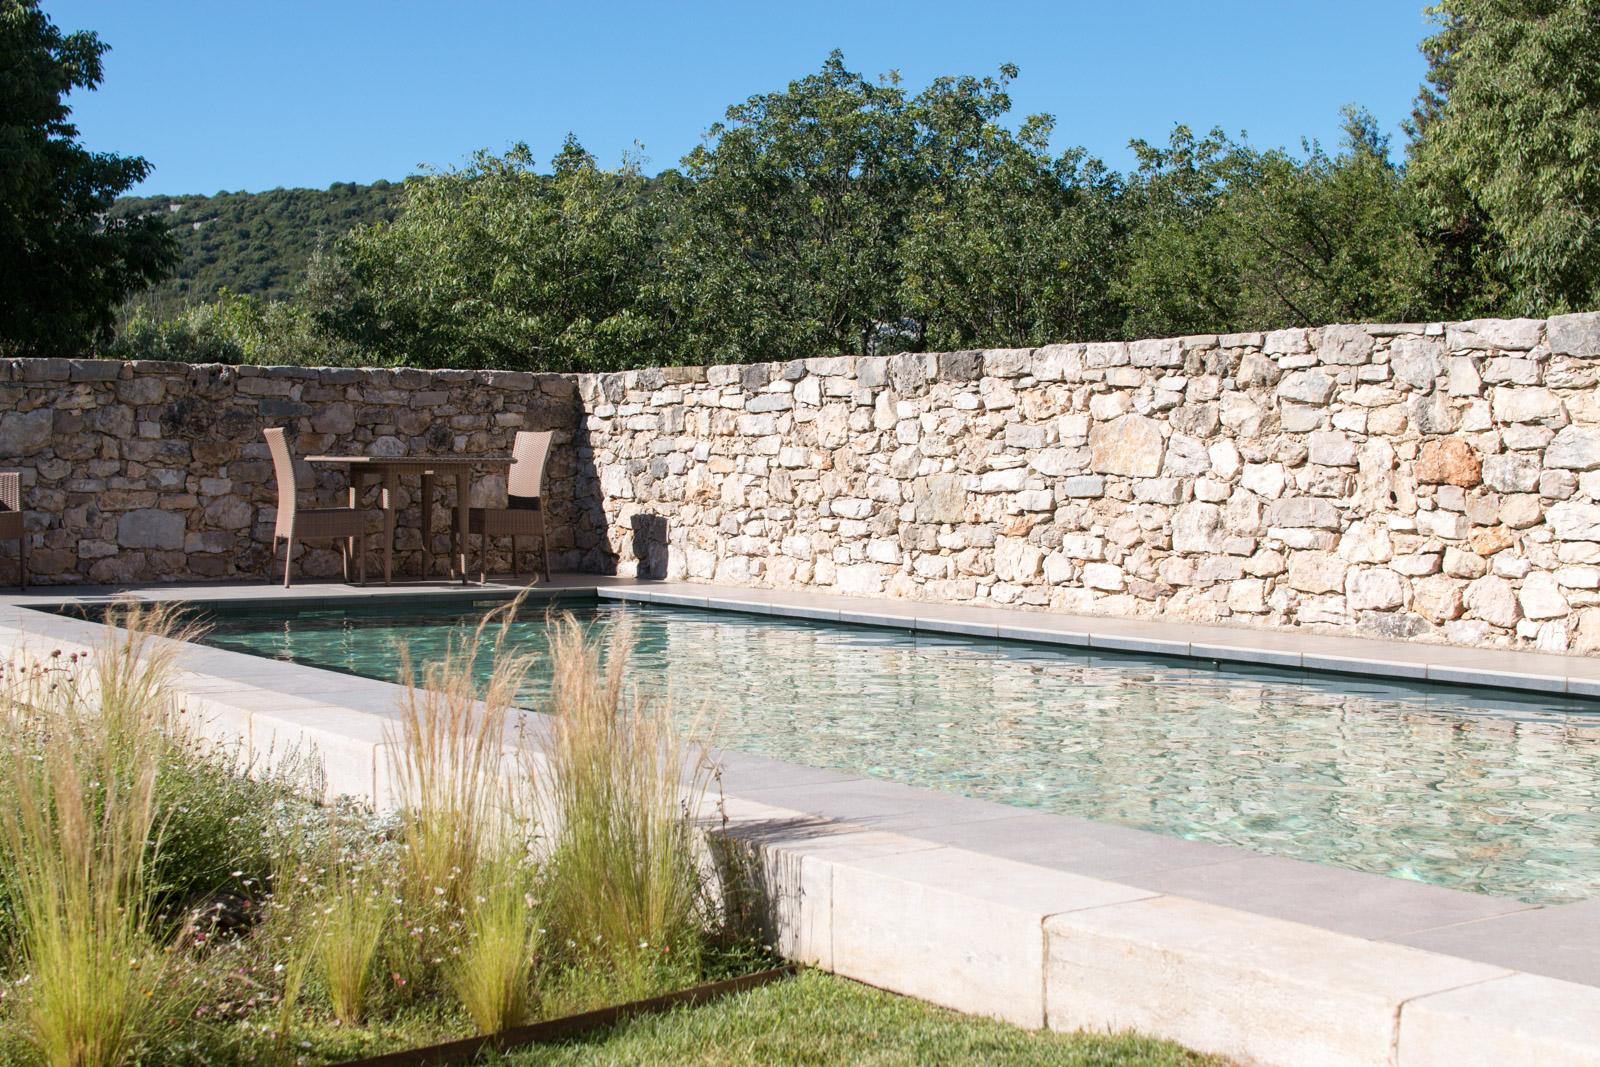 Une fois le fond mobile descendu, votre piscine est prête à vous accueillir